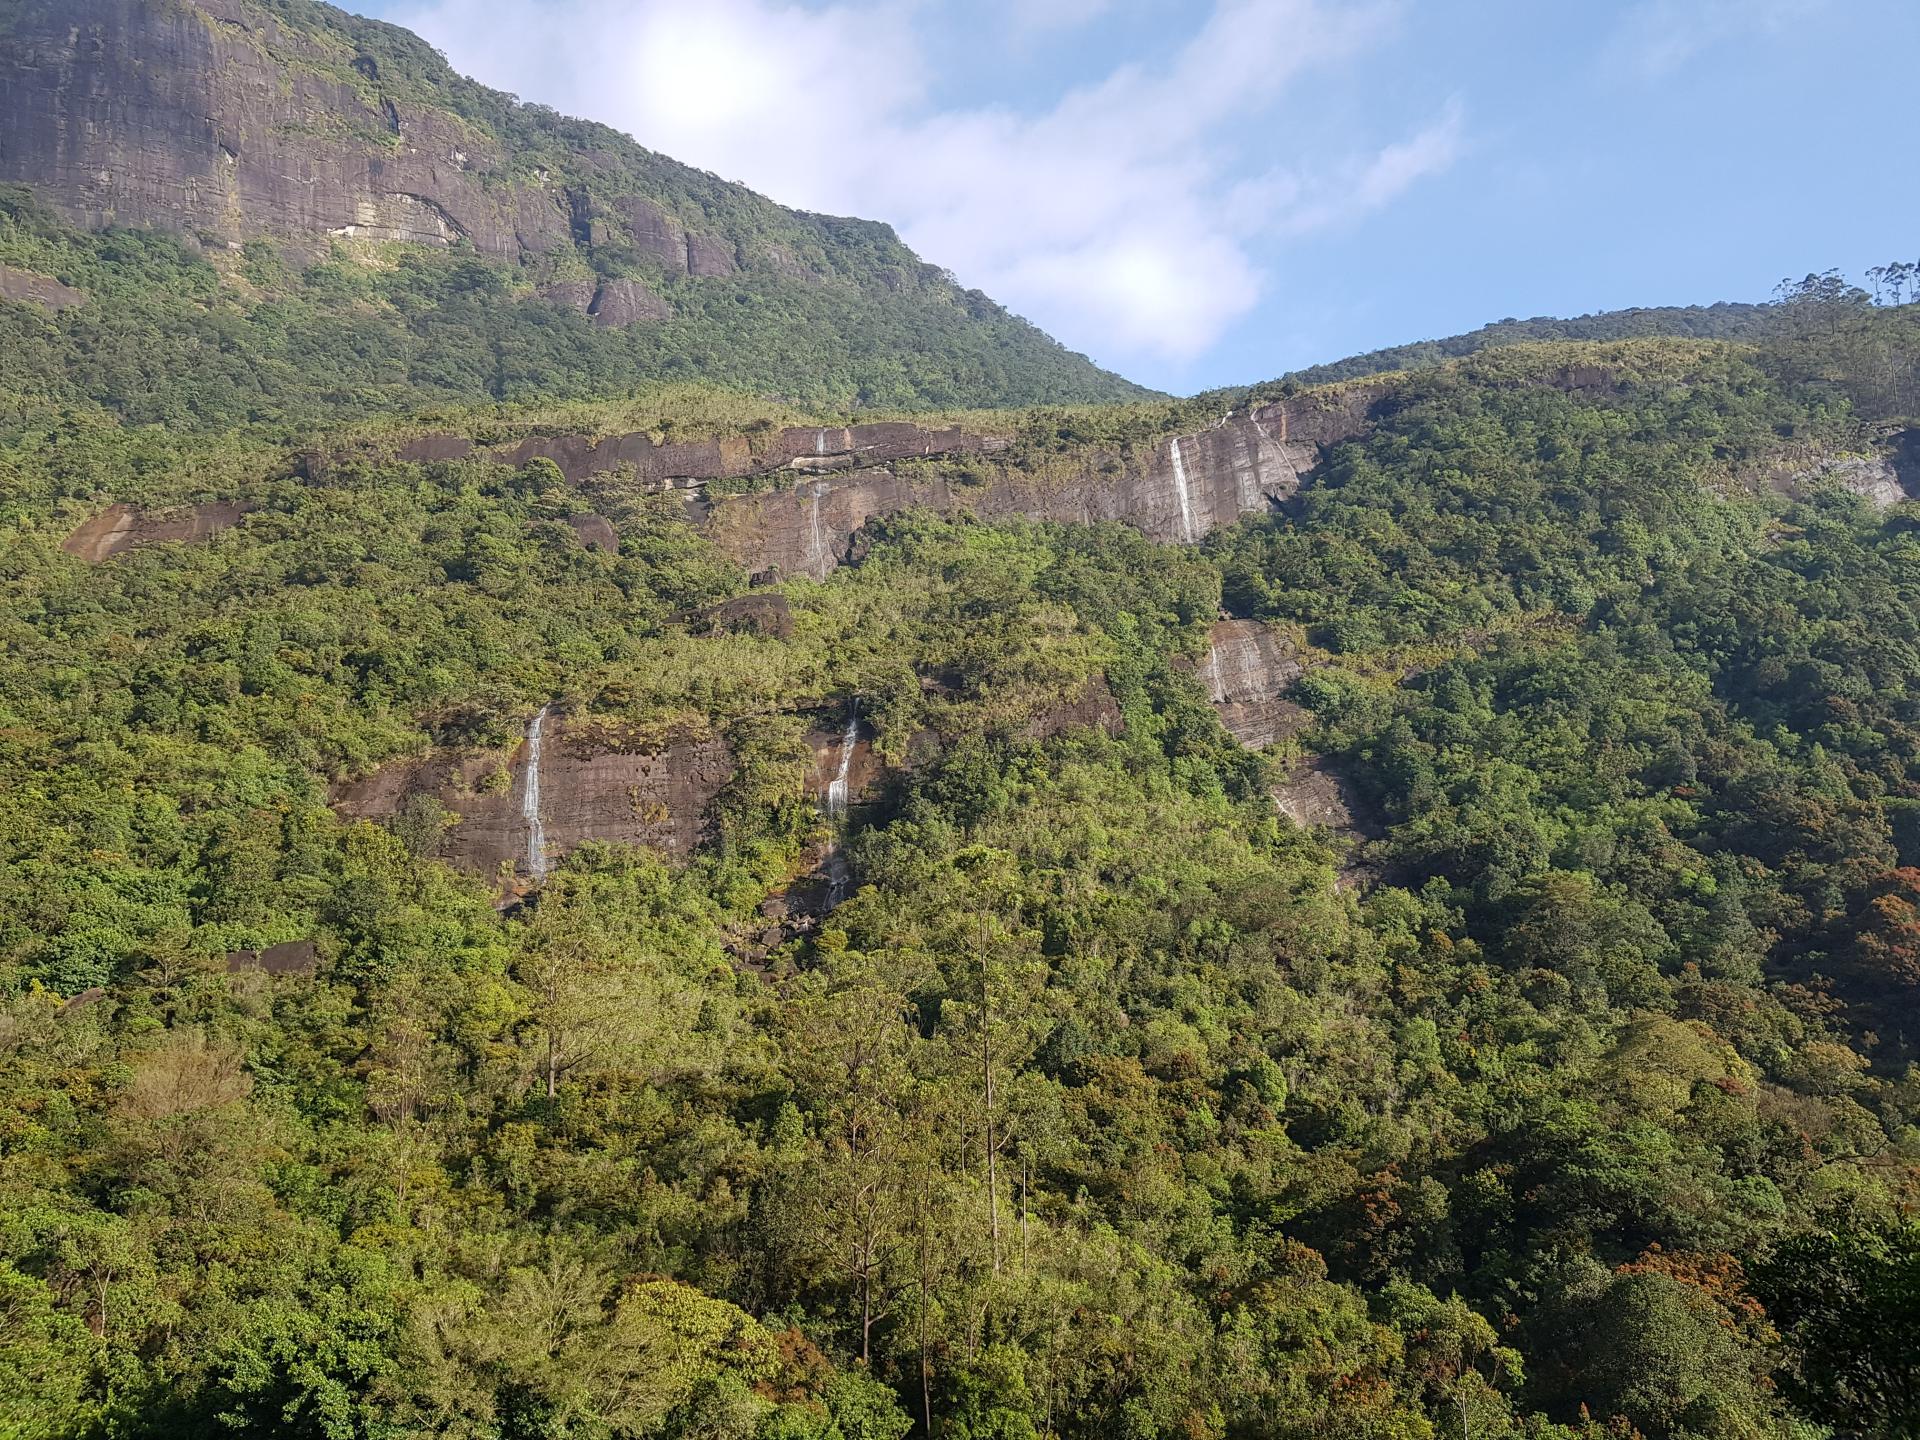 Водопады в горах. Далхаузи, Шри-Ланка.